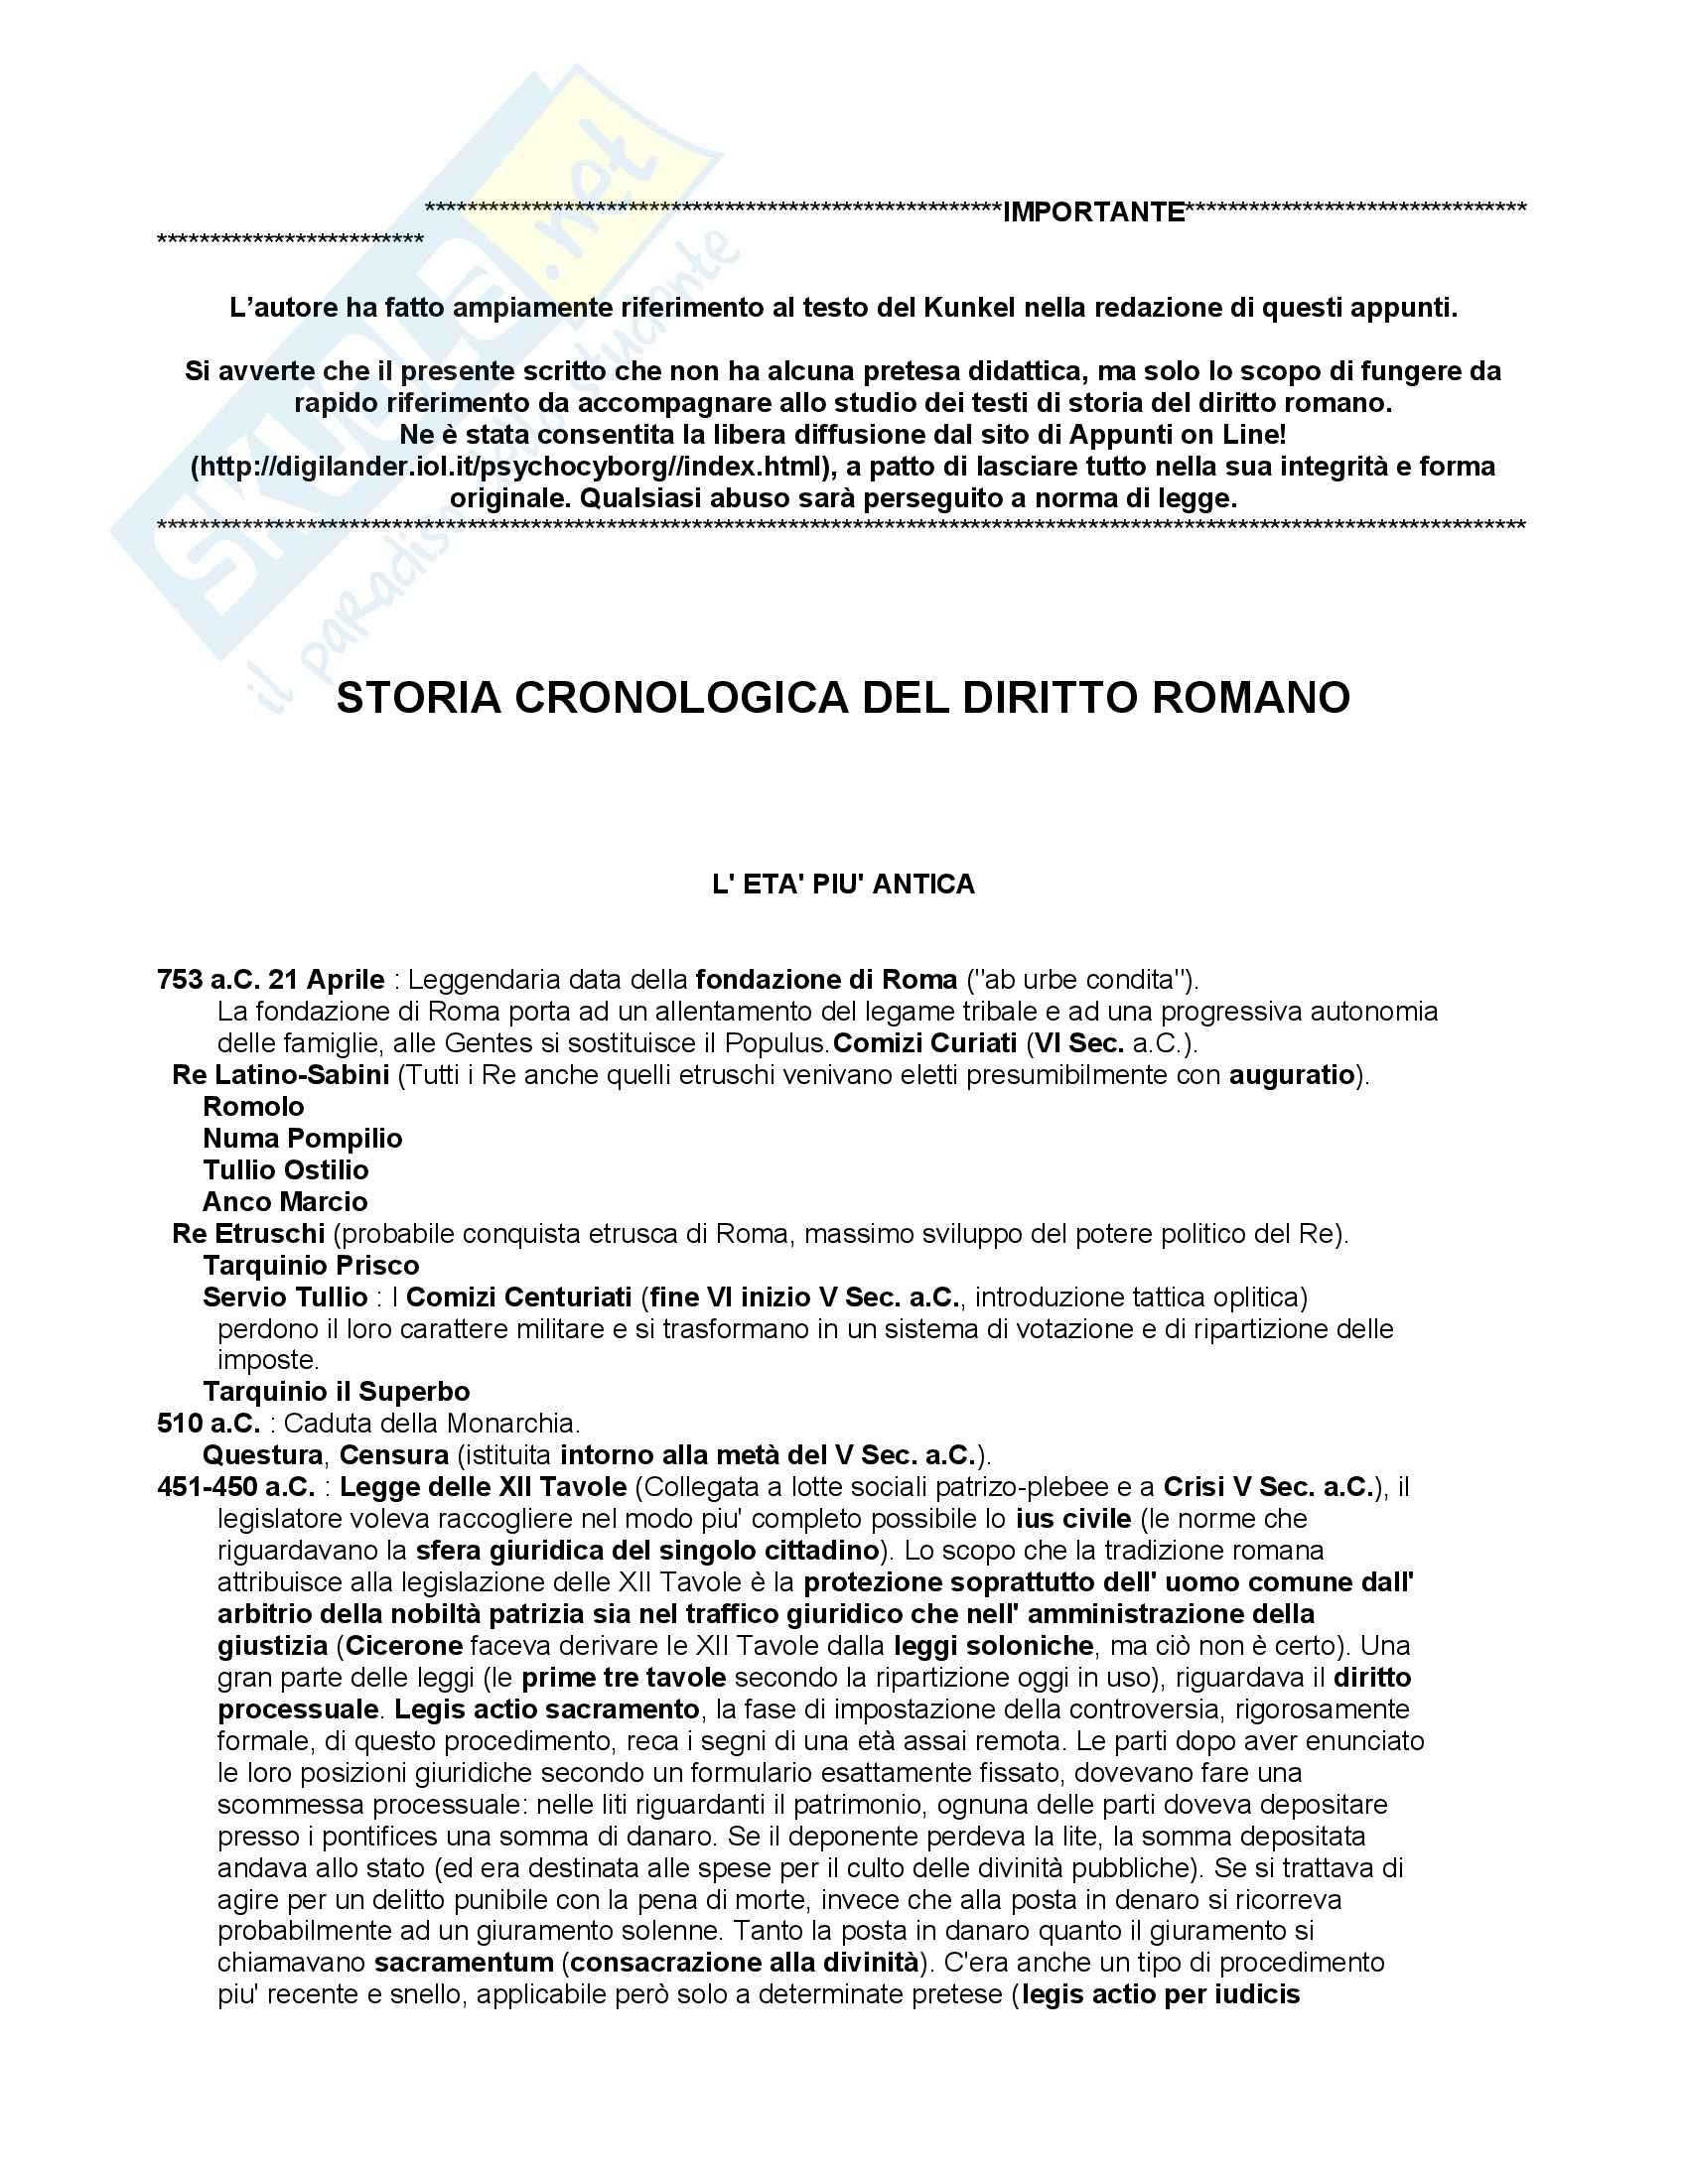 Storia del diritto privato romano - storia cronologica del diritto romano